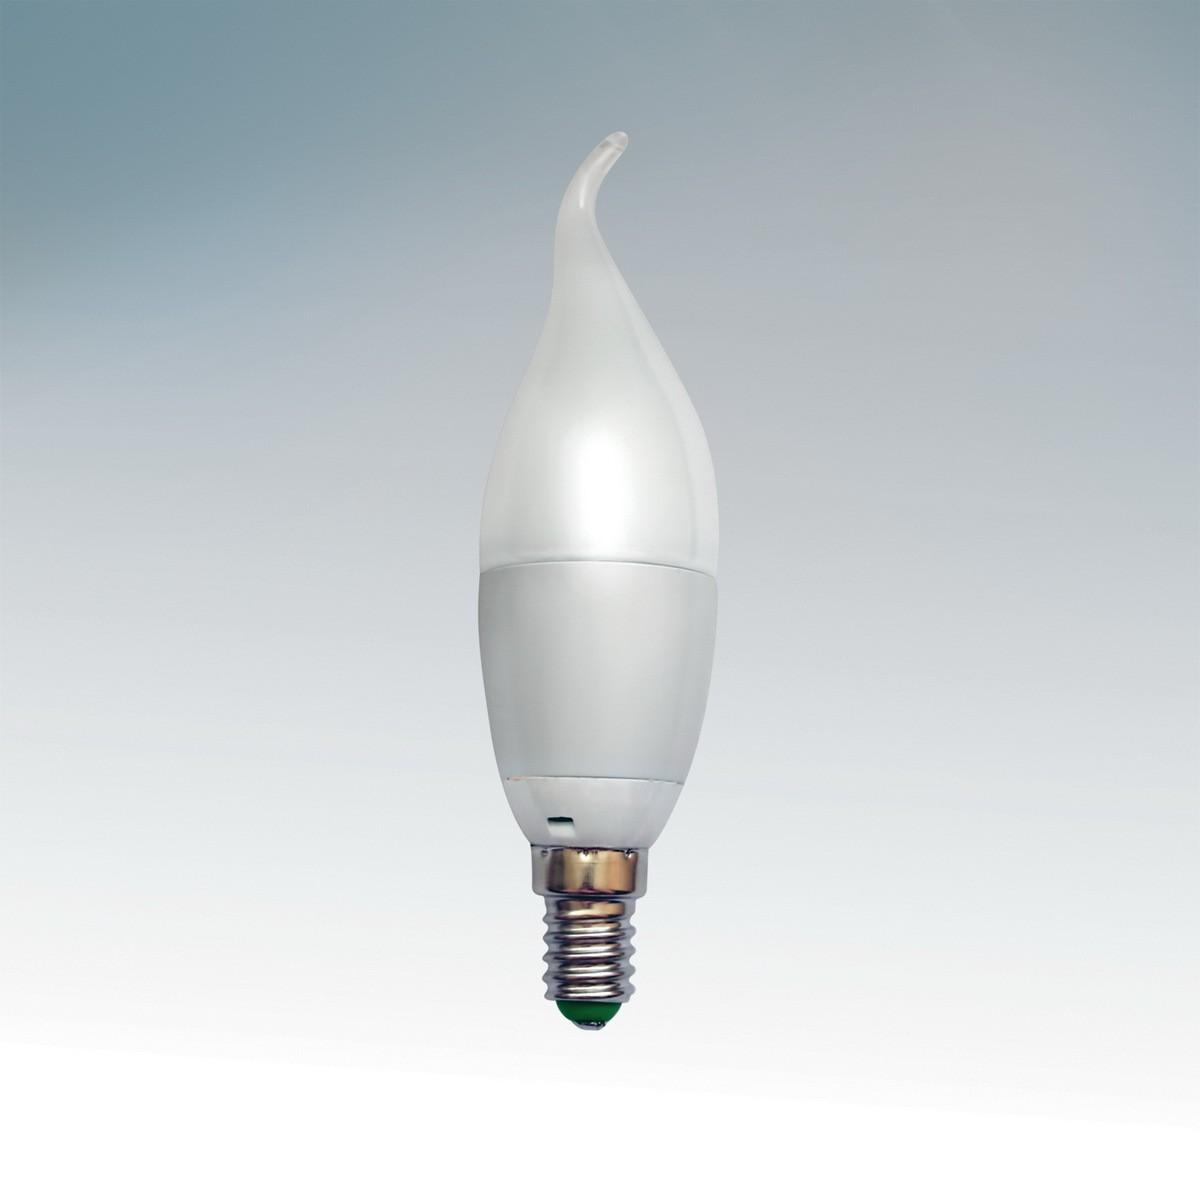 Чем лампа ярче светит, тем она должна быть больше. Да и сам светильник необходимо измерить перед тем, как определяться с оптимальной лампой